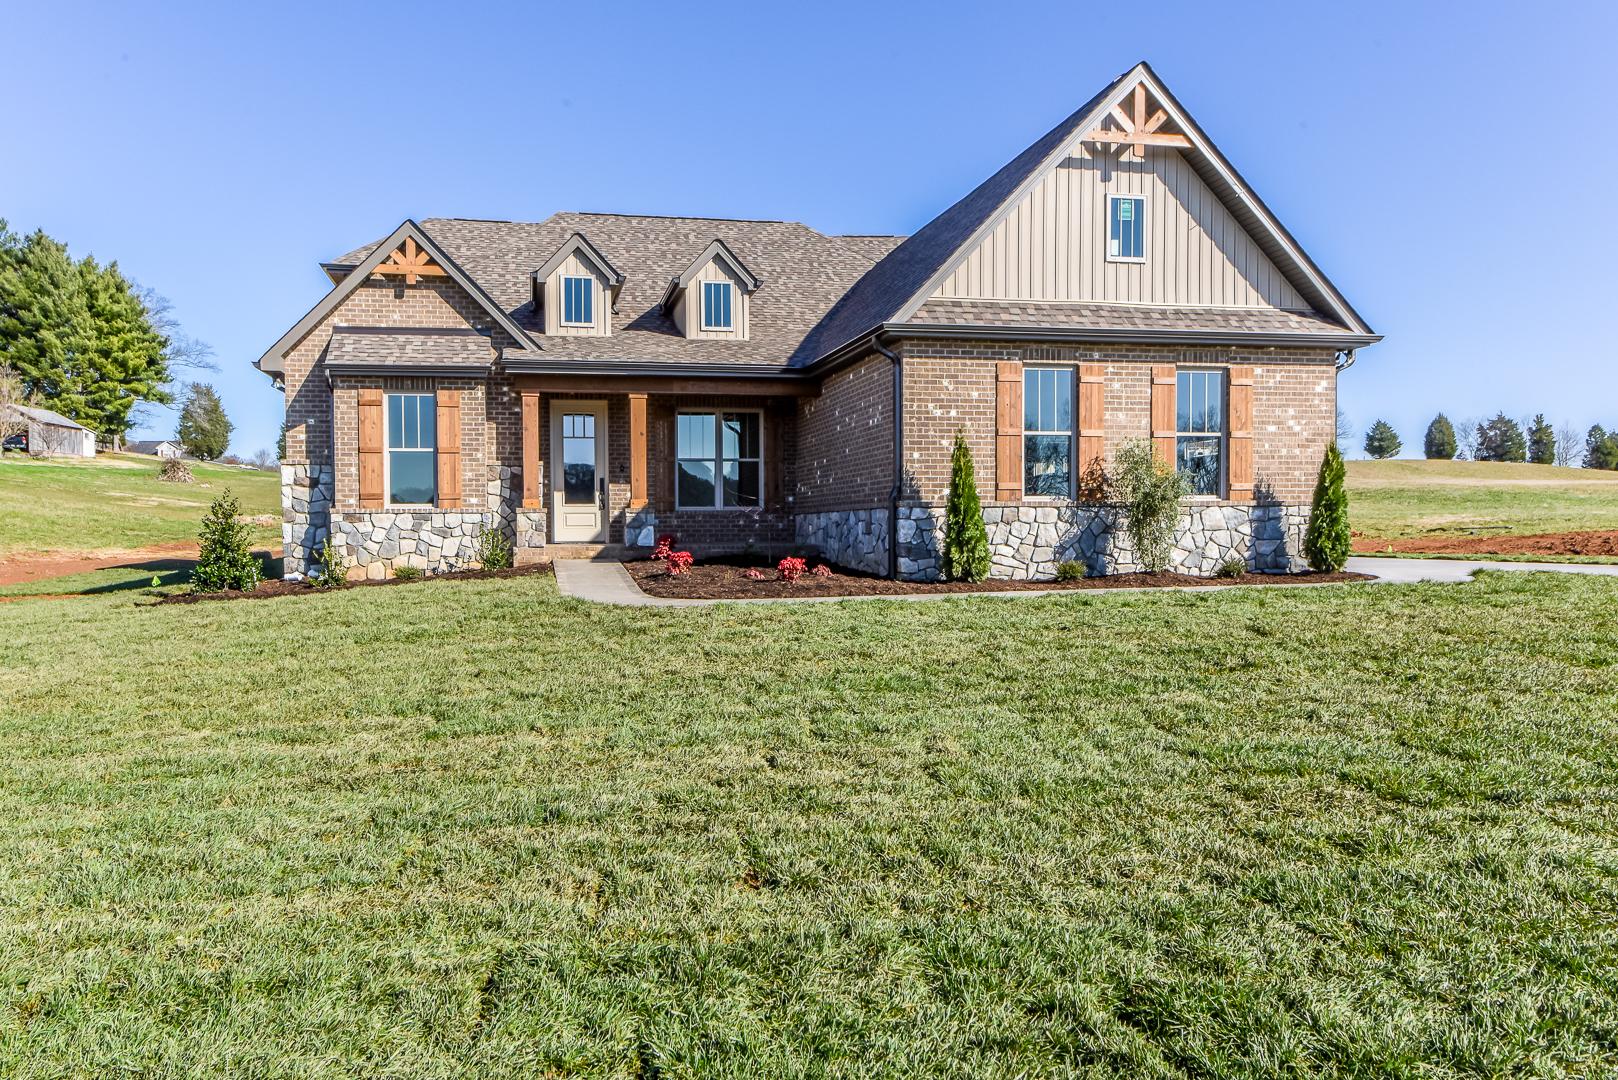 239 Morganton Cove Road, Greenback, Tennessee 37742